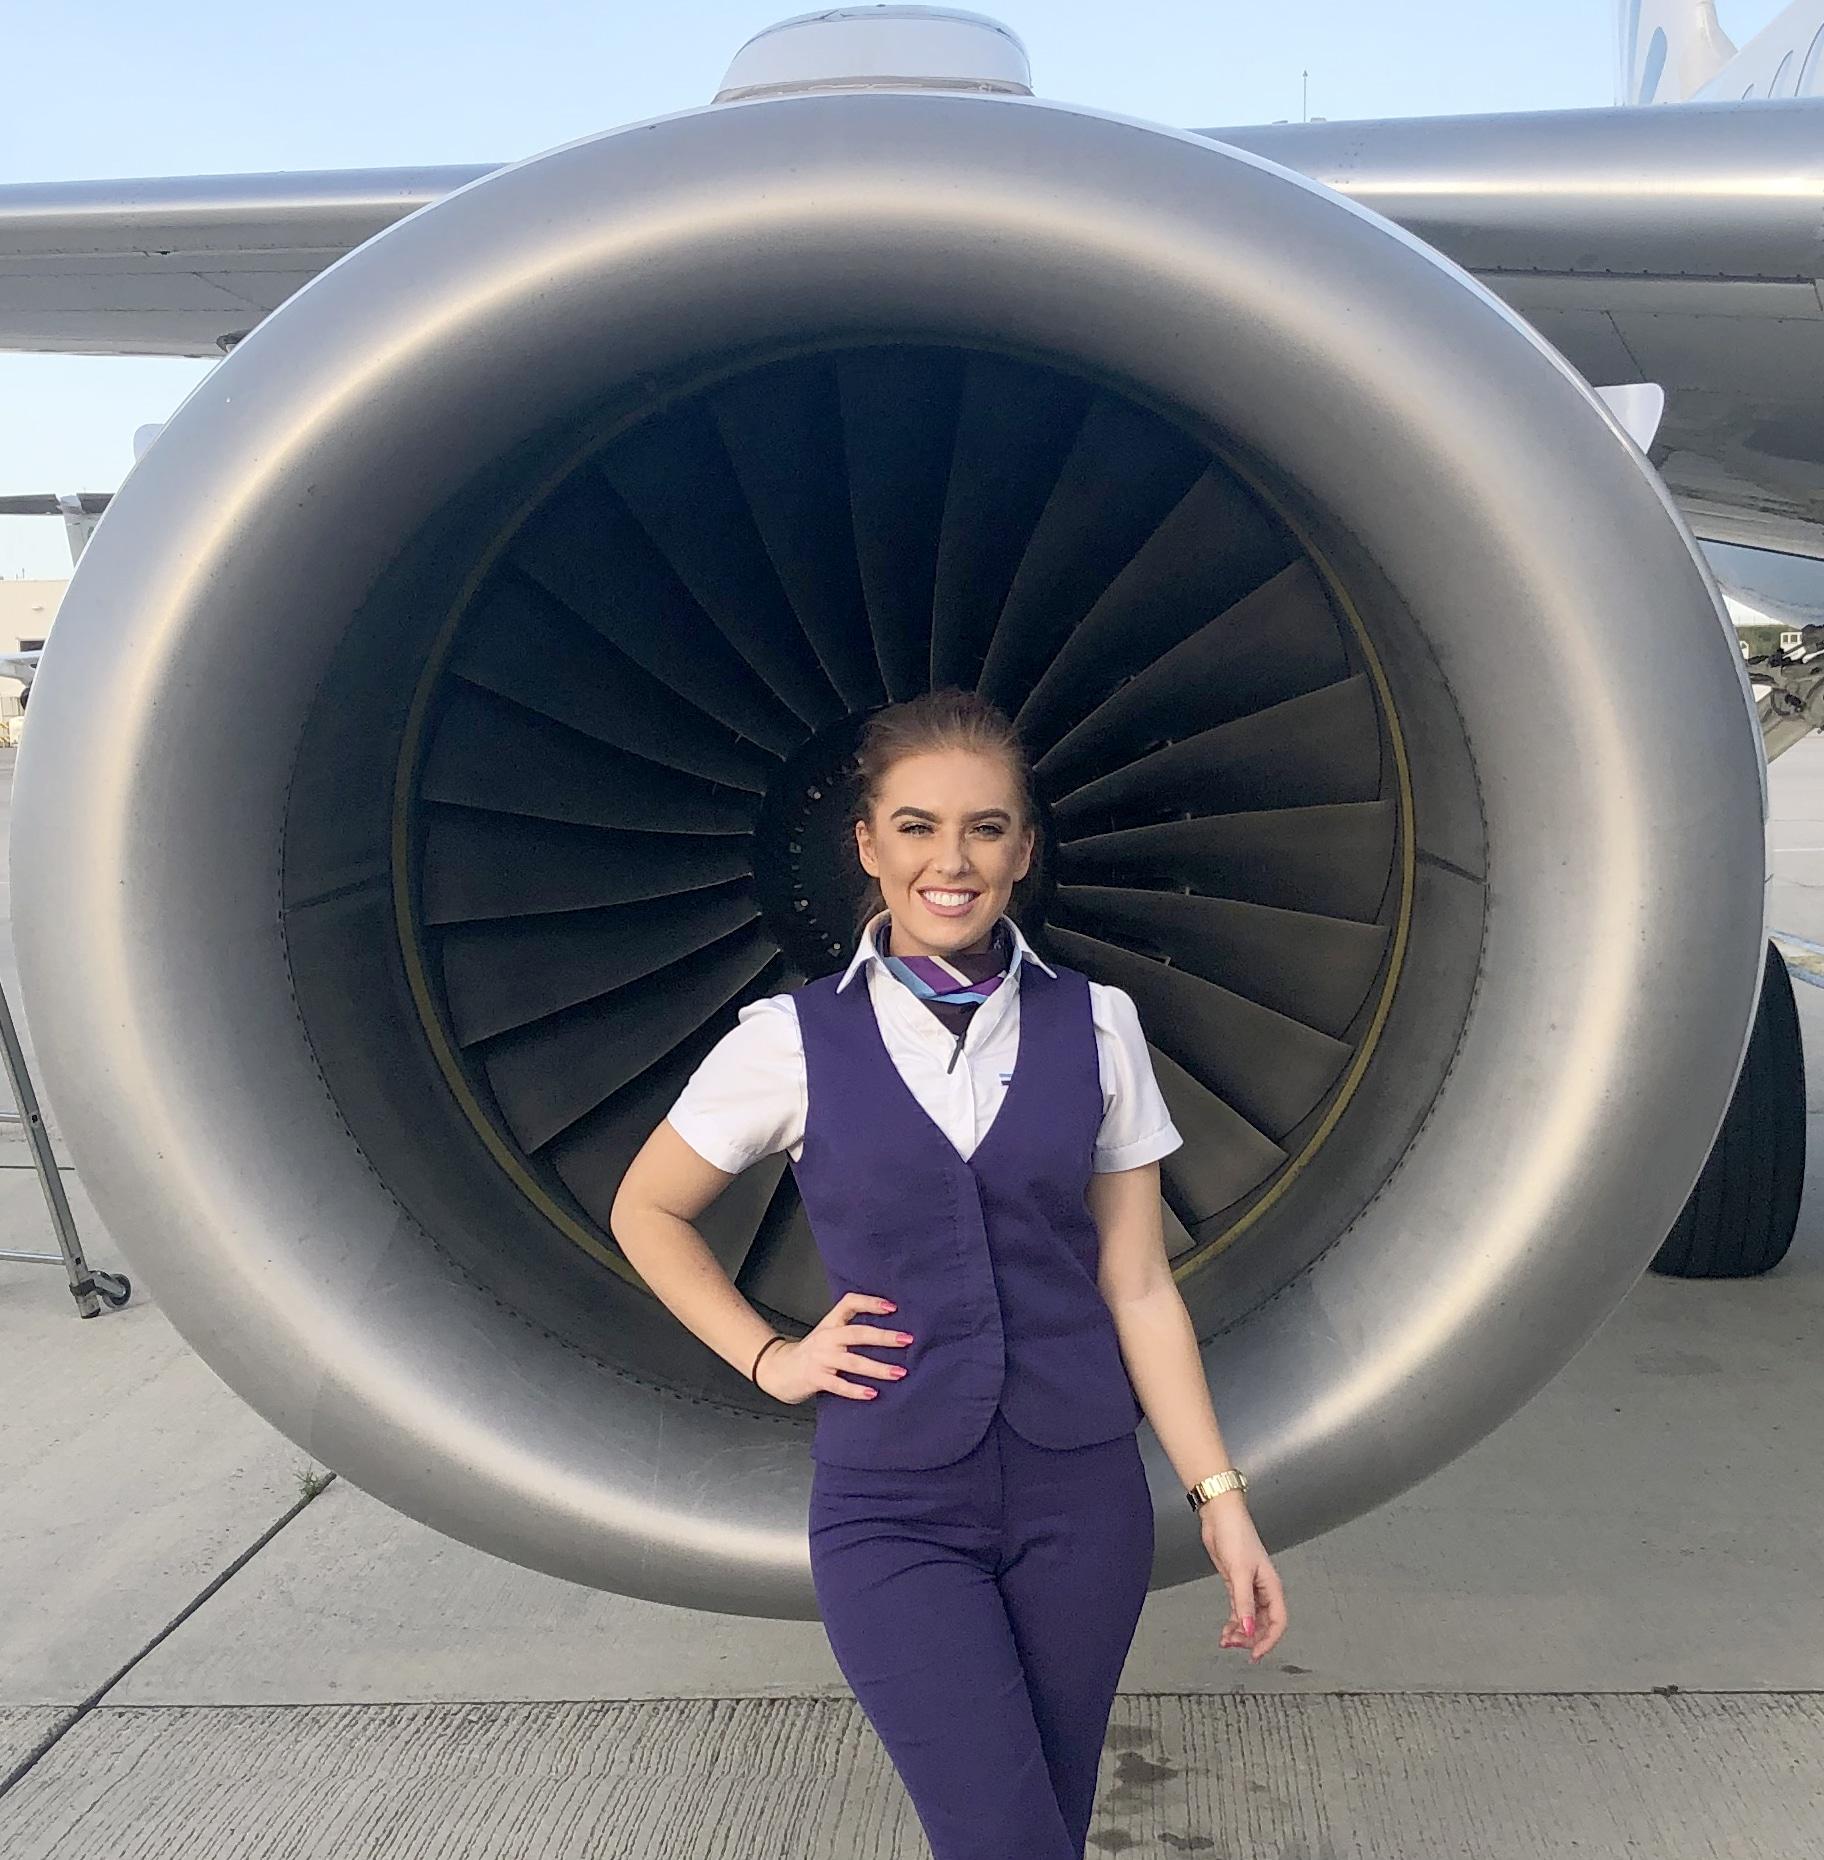 air stewardess up close